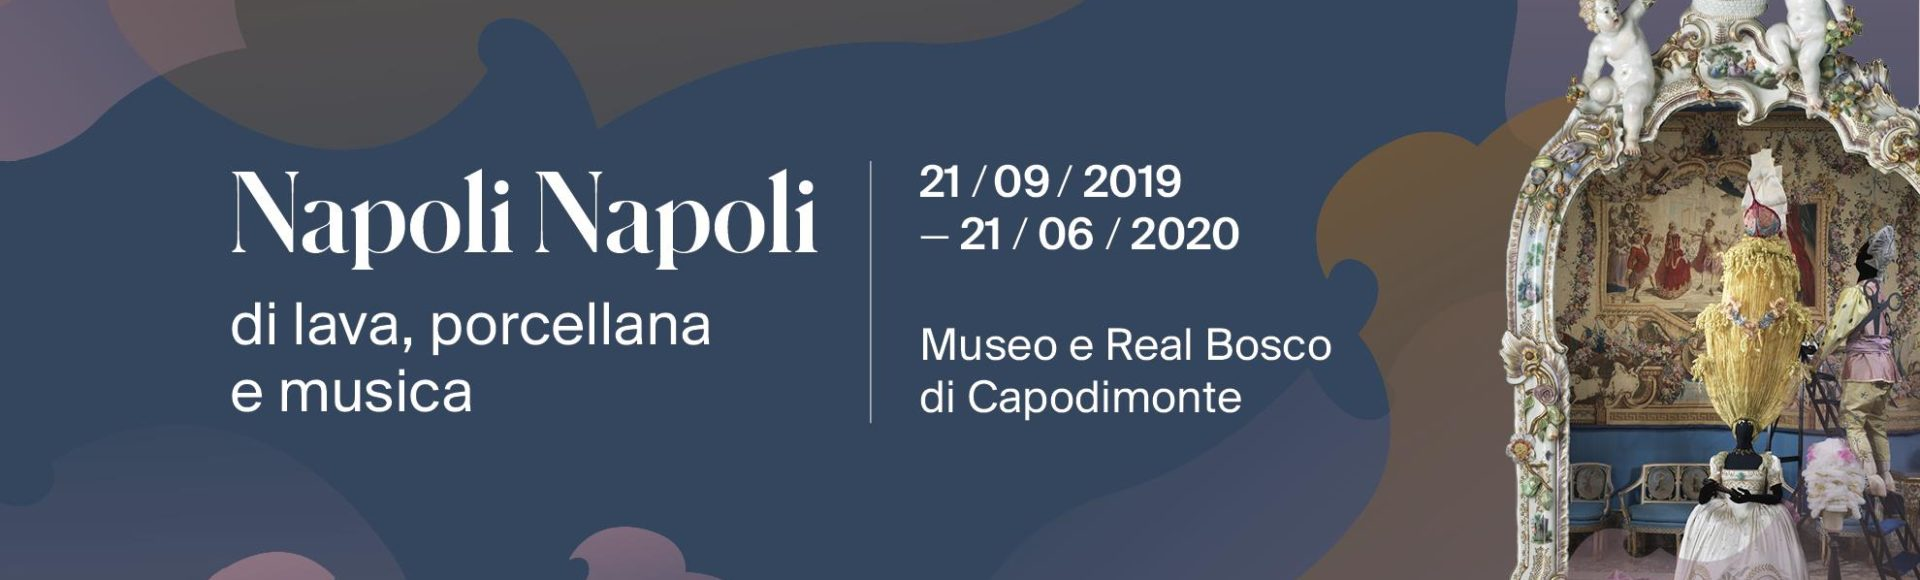 NAPOLI NAPOLI. DI LAVA, PORCELLANA E MUSICA  Museo di Capodimonte | Attività didattiche gratuite